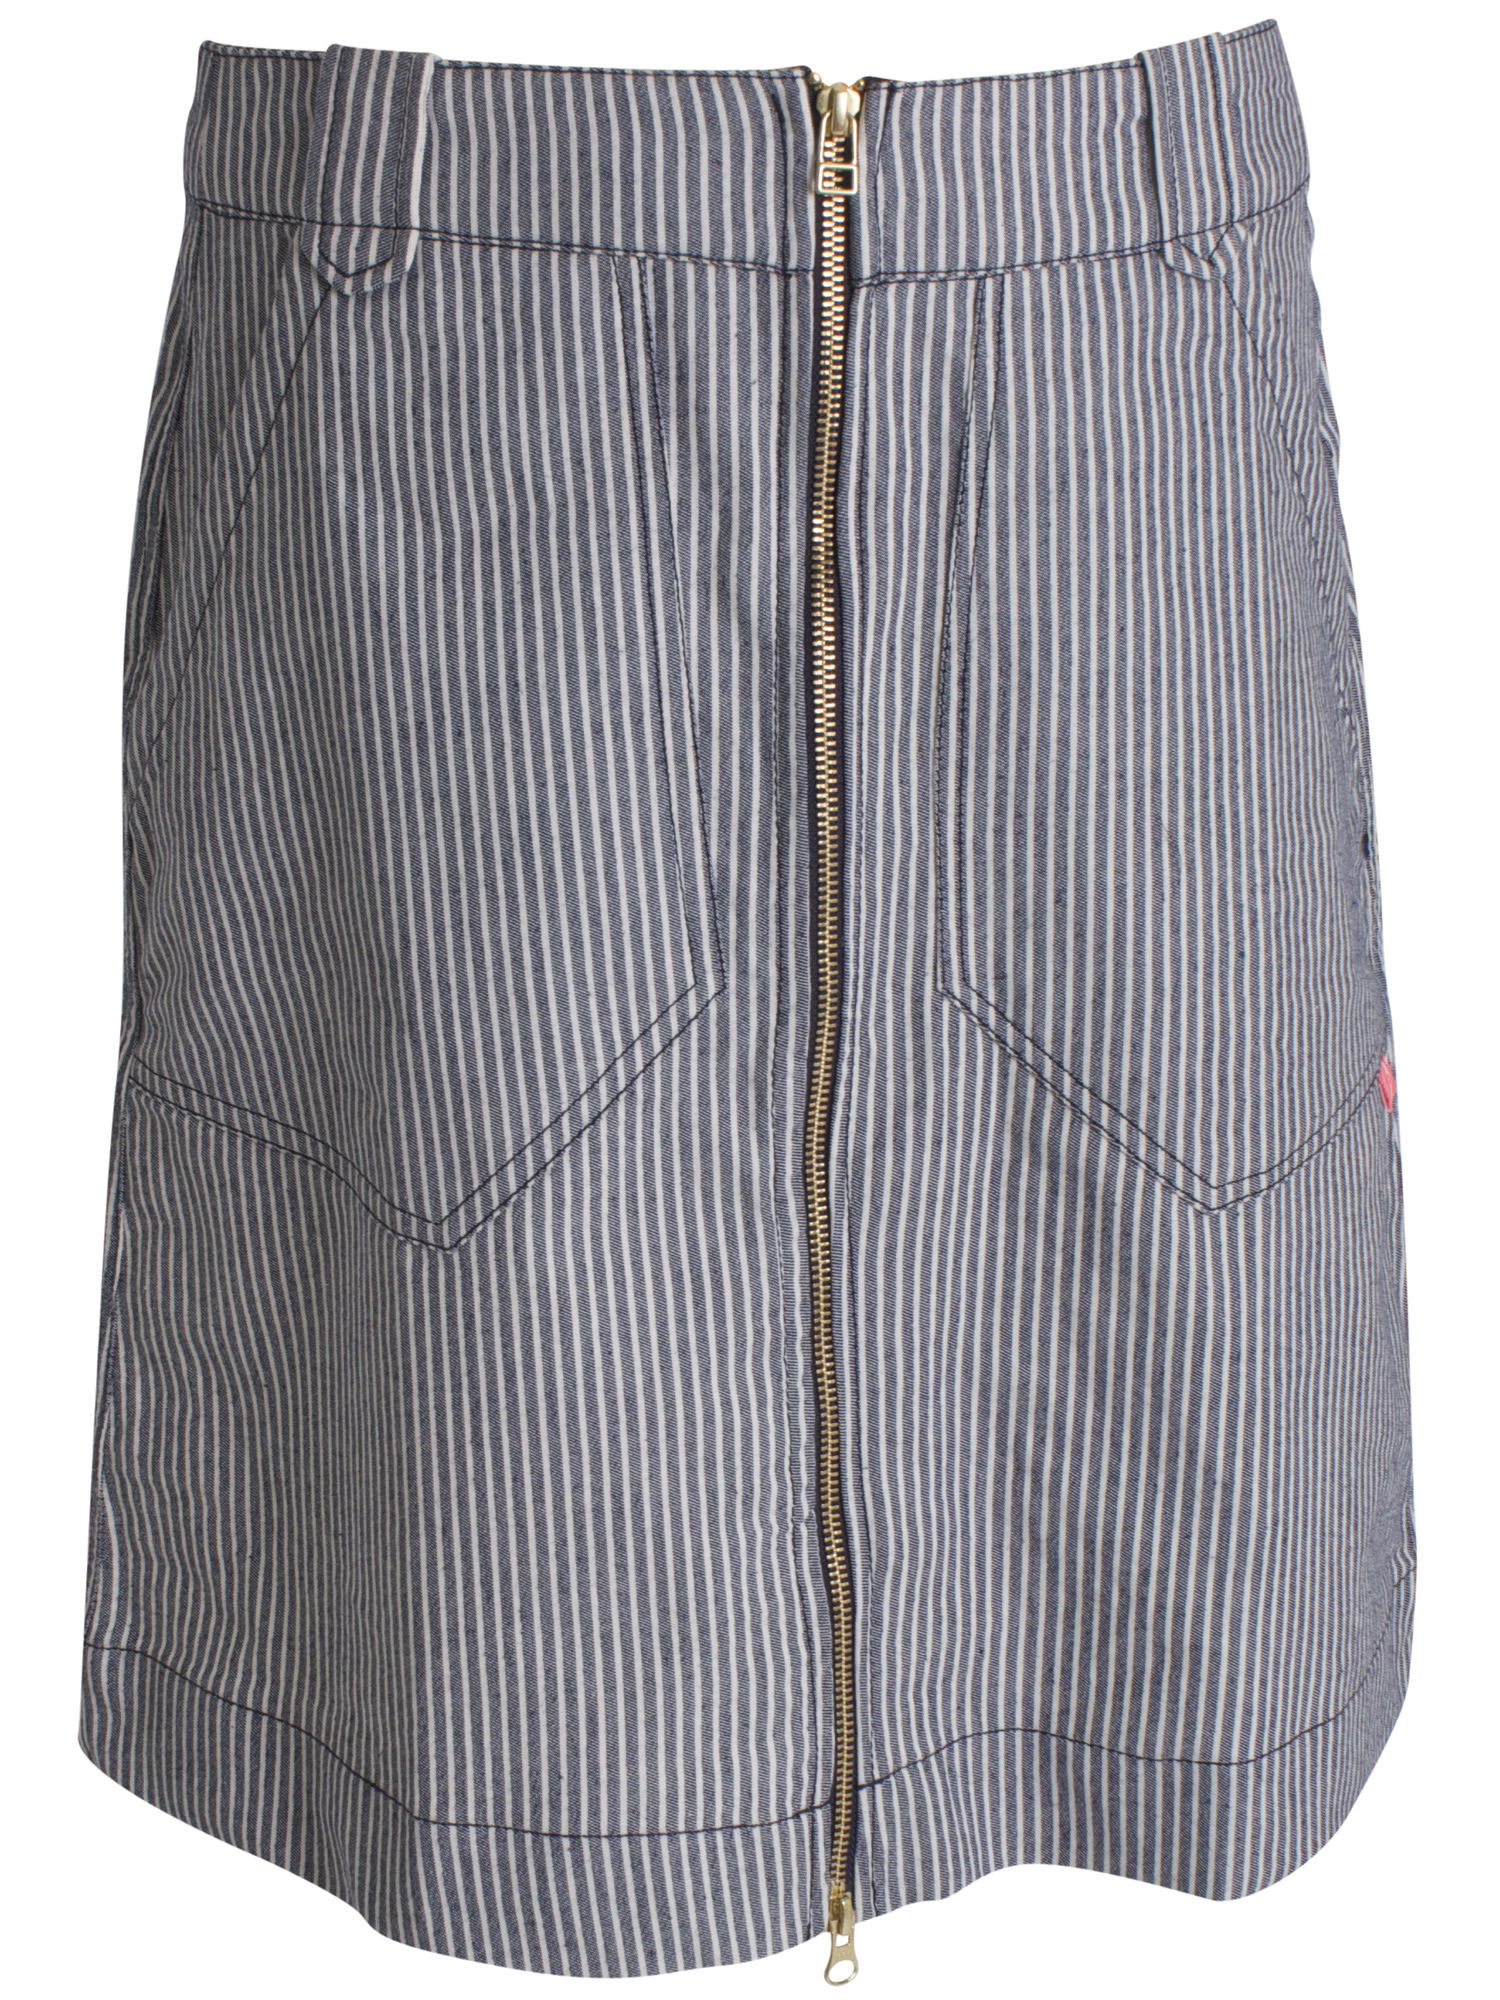 Image of   Golly Skirt Navy/White